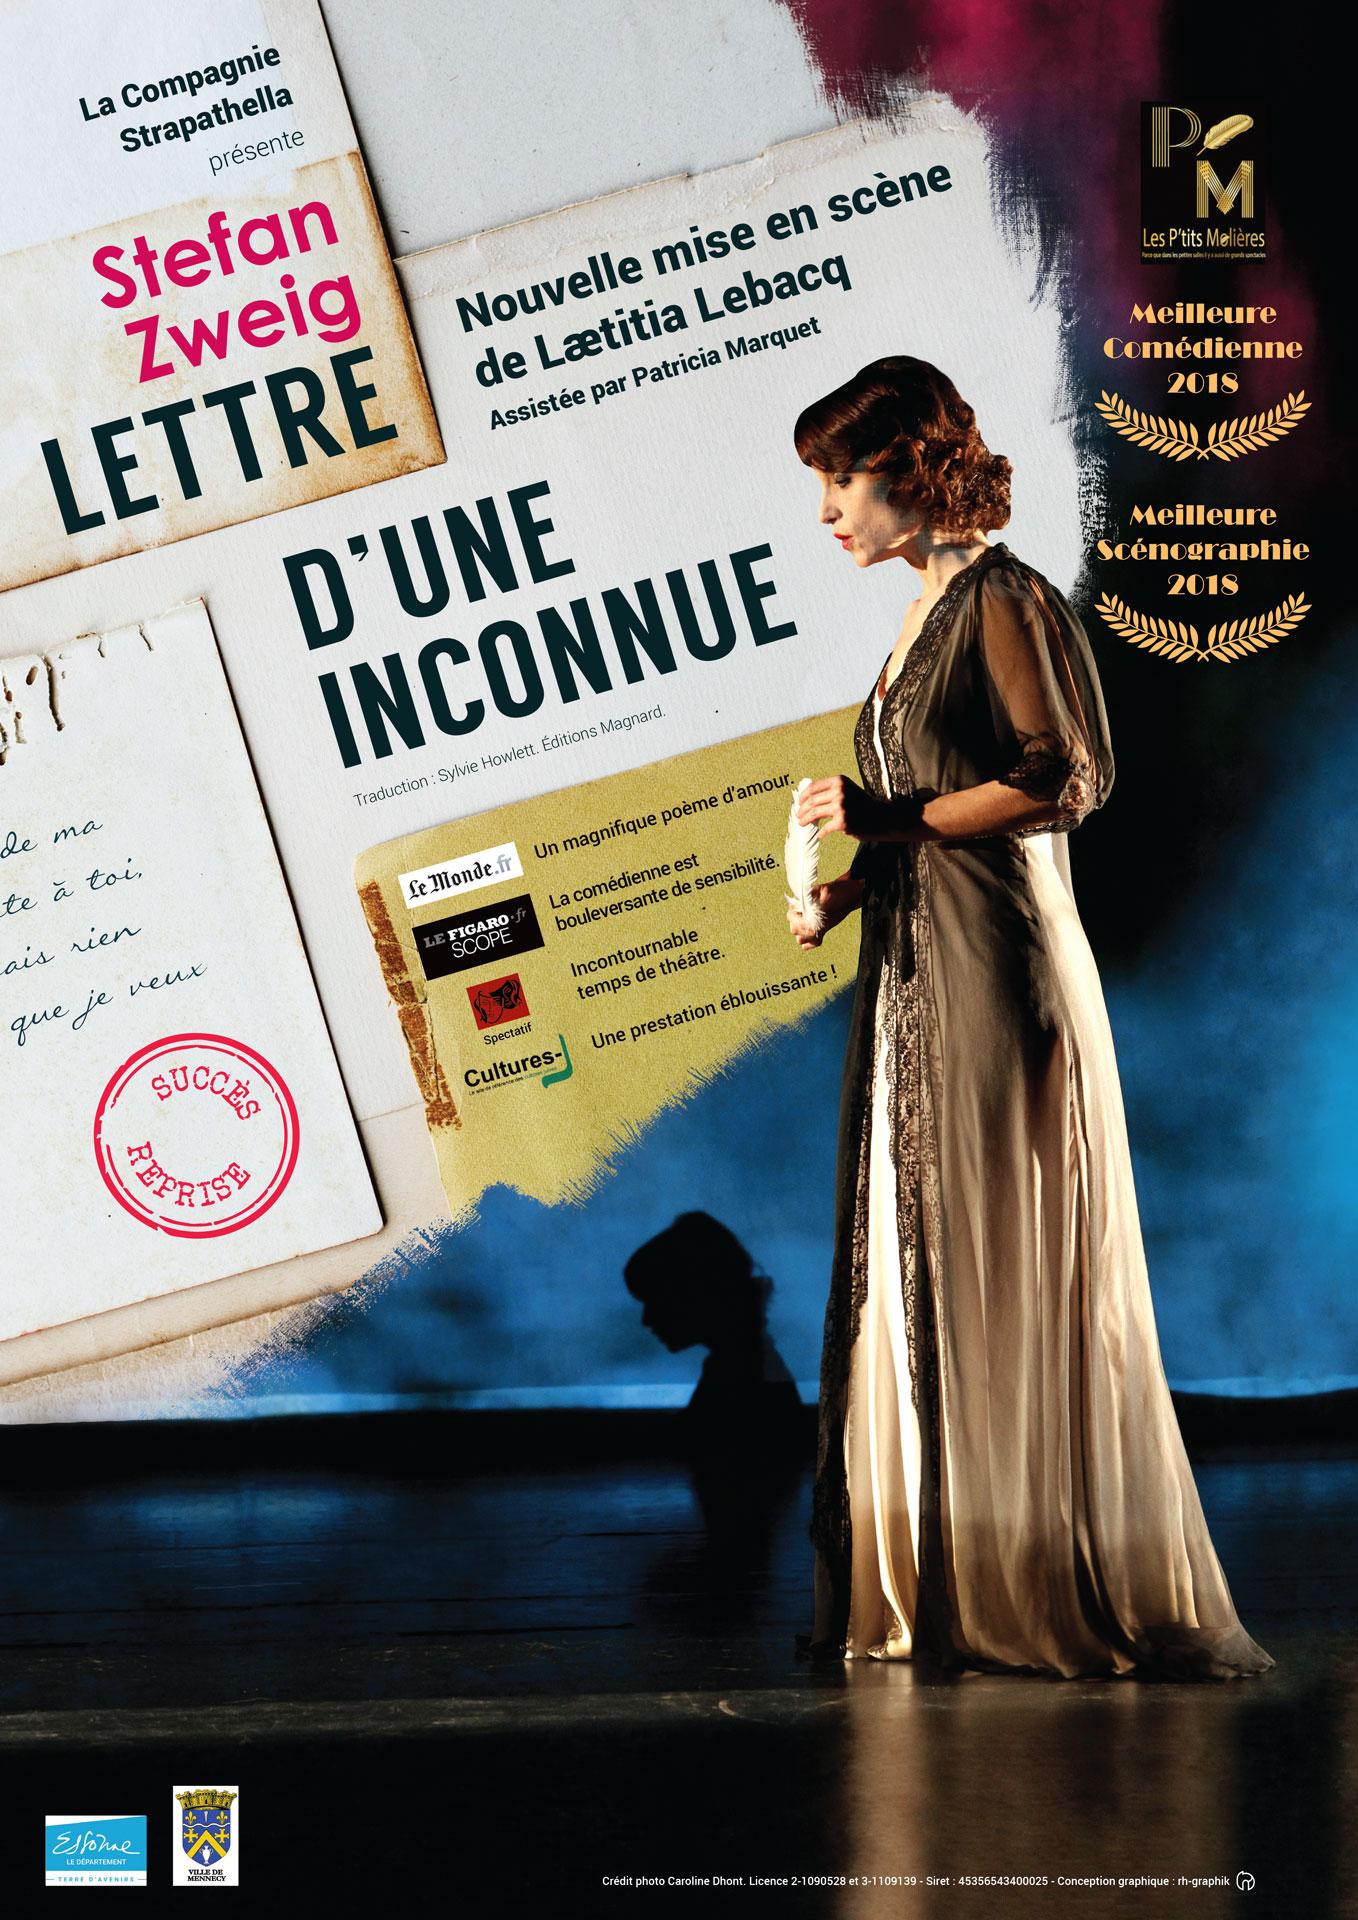 Affiche de la Lettre d'une inconnue avec Laetitia Lebacq